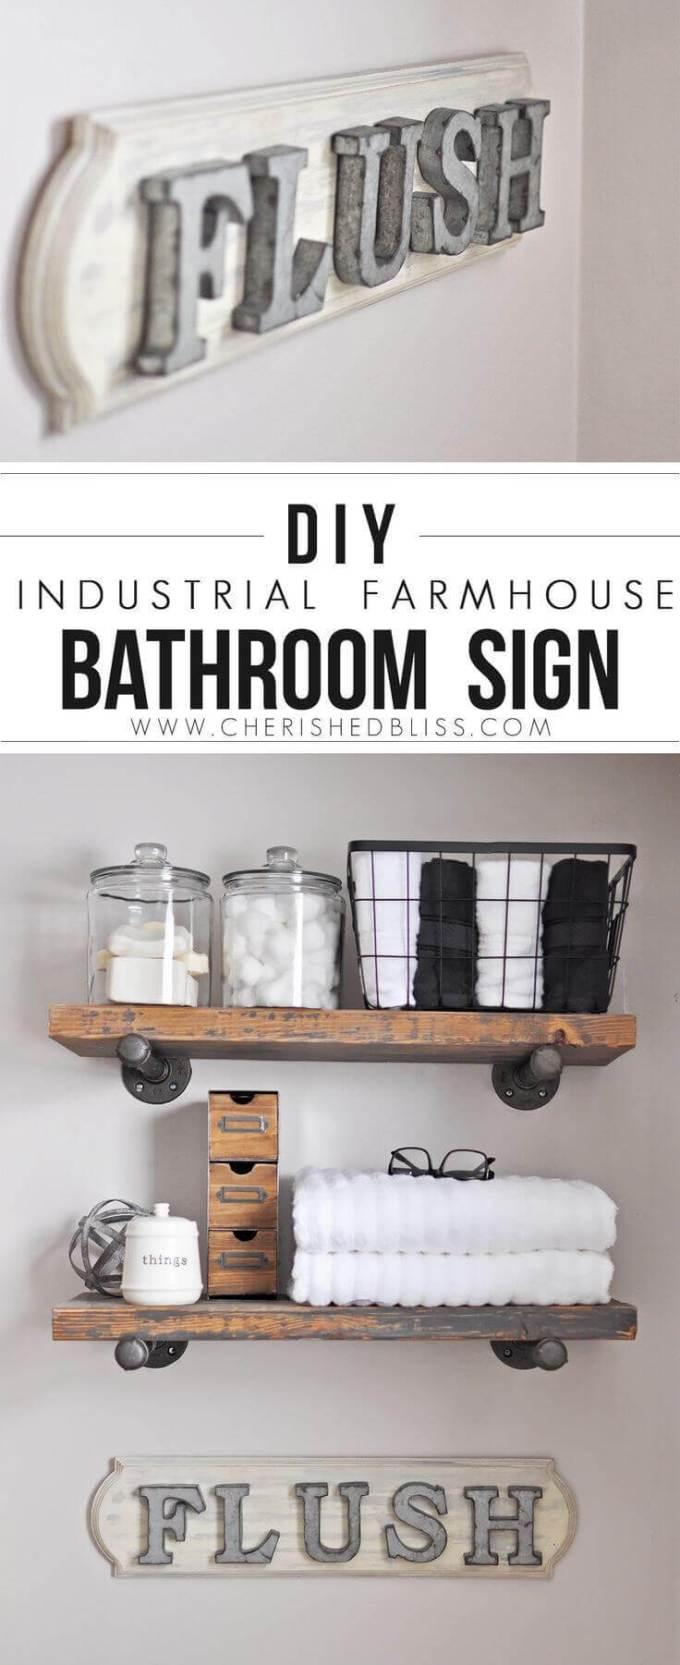 """Farmhouse Bathroom Decor Ideas - DIY Farmhouse Bathroom """"Flush"""" Sign - harpamagazine.com"""